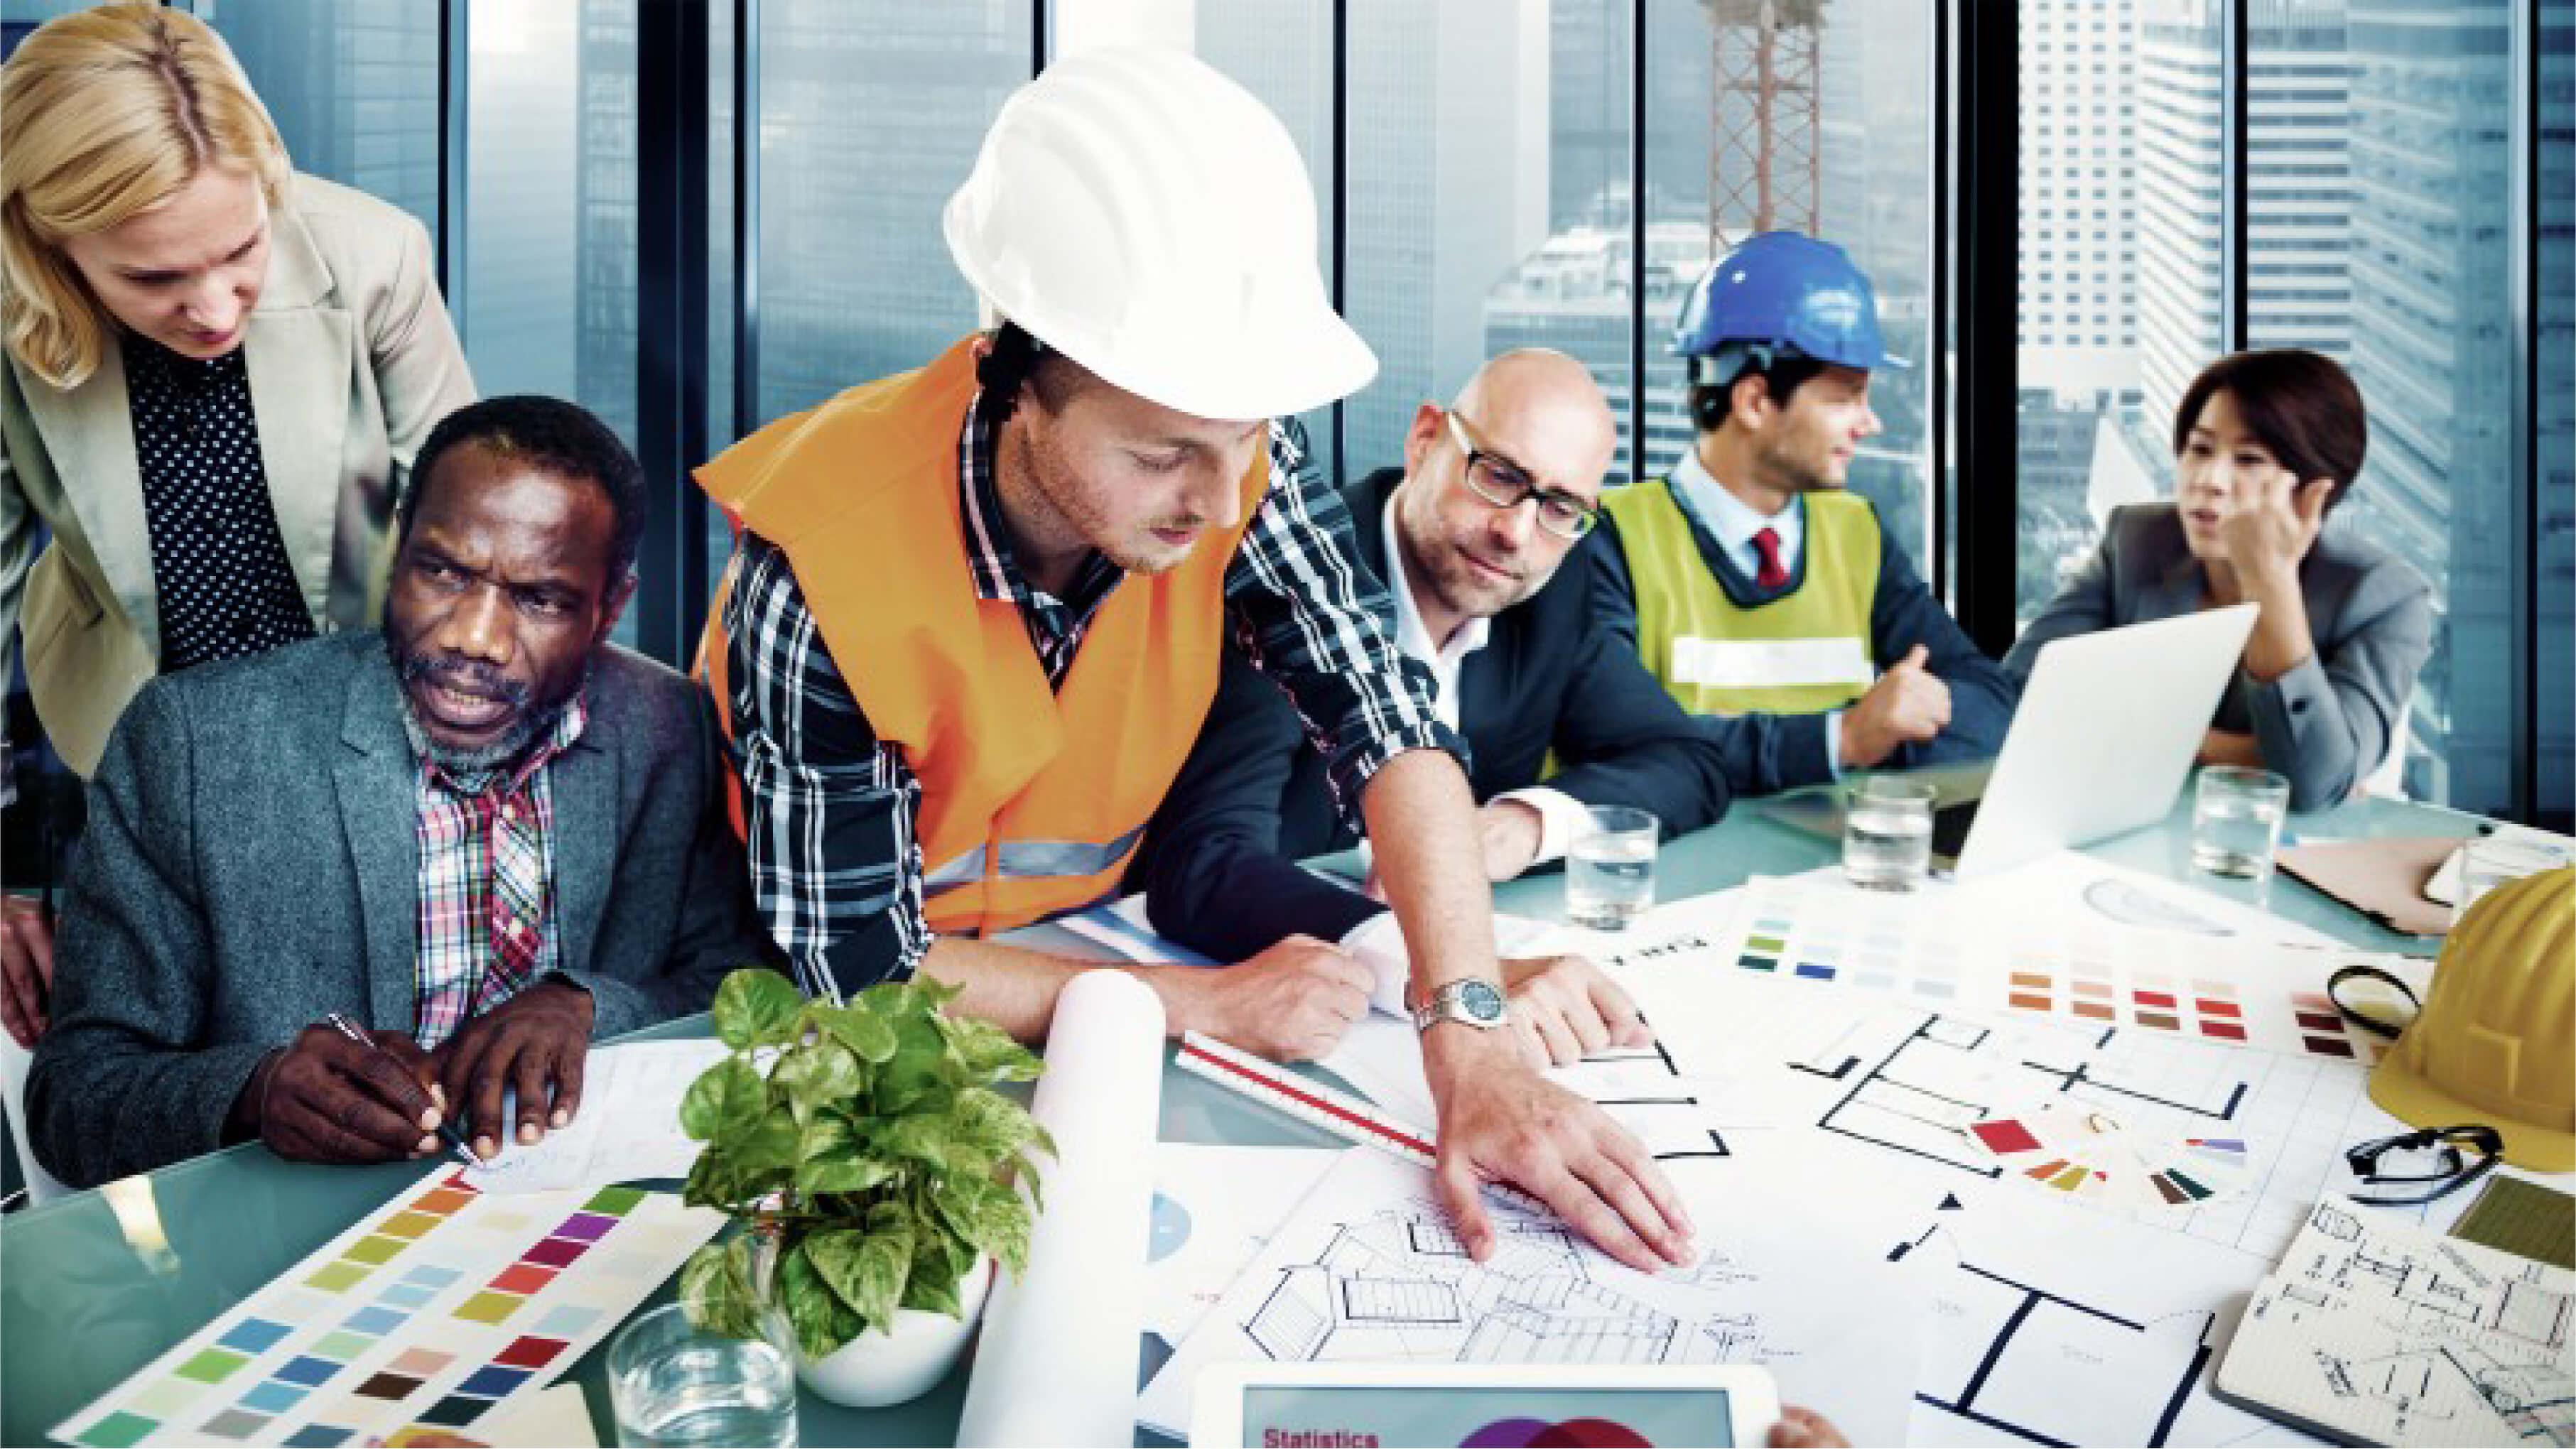 Triển khai dự án với hỗ trợ của Ứng dụng trợ lý dự án được phát triển bỏi Bosch, KPS phân phối